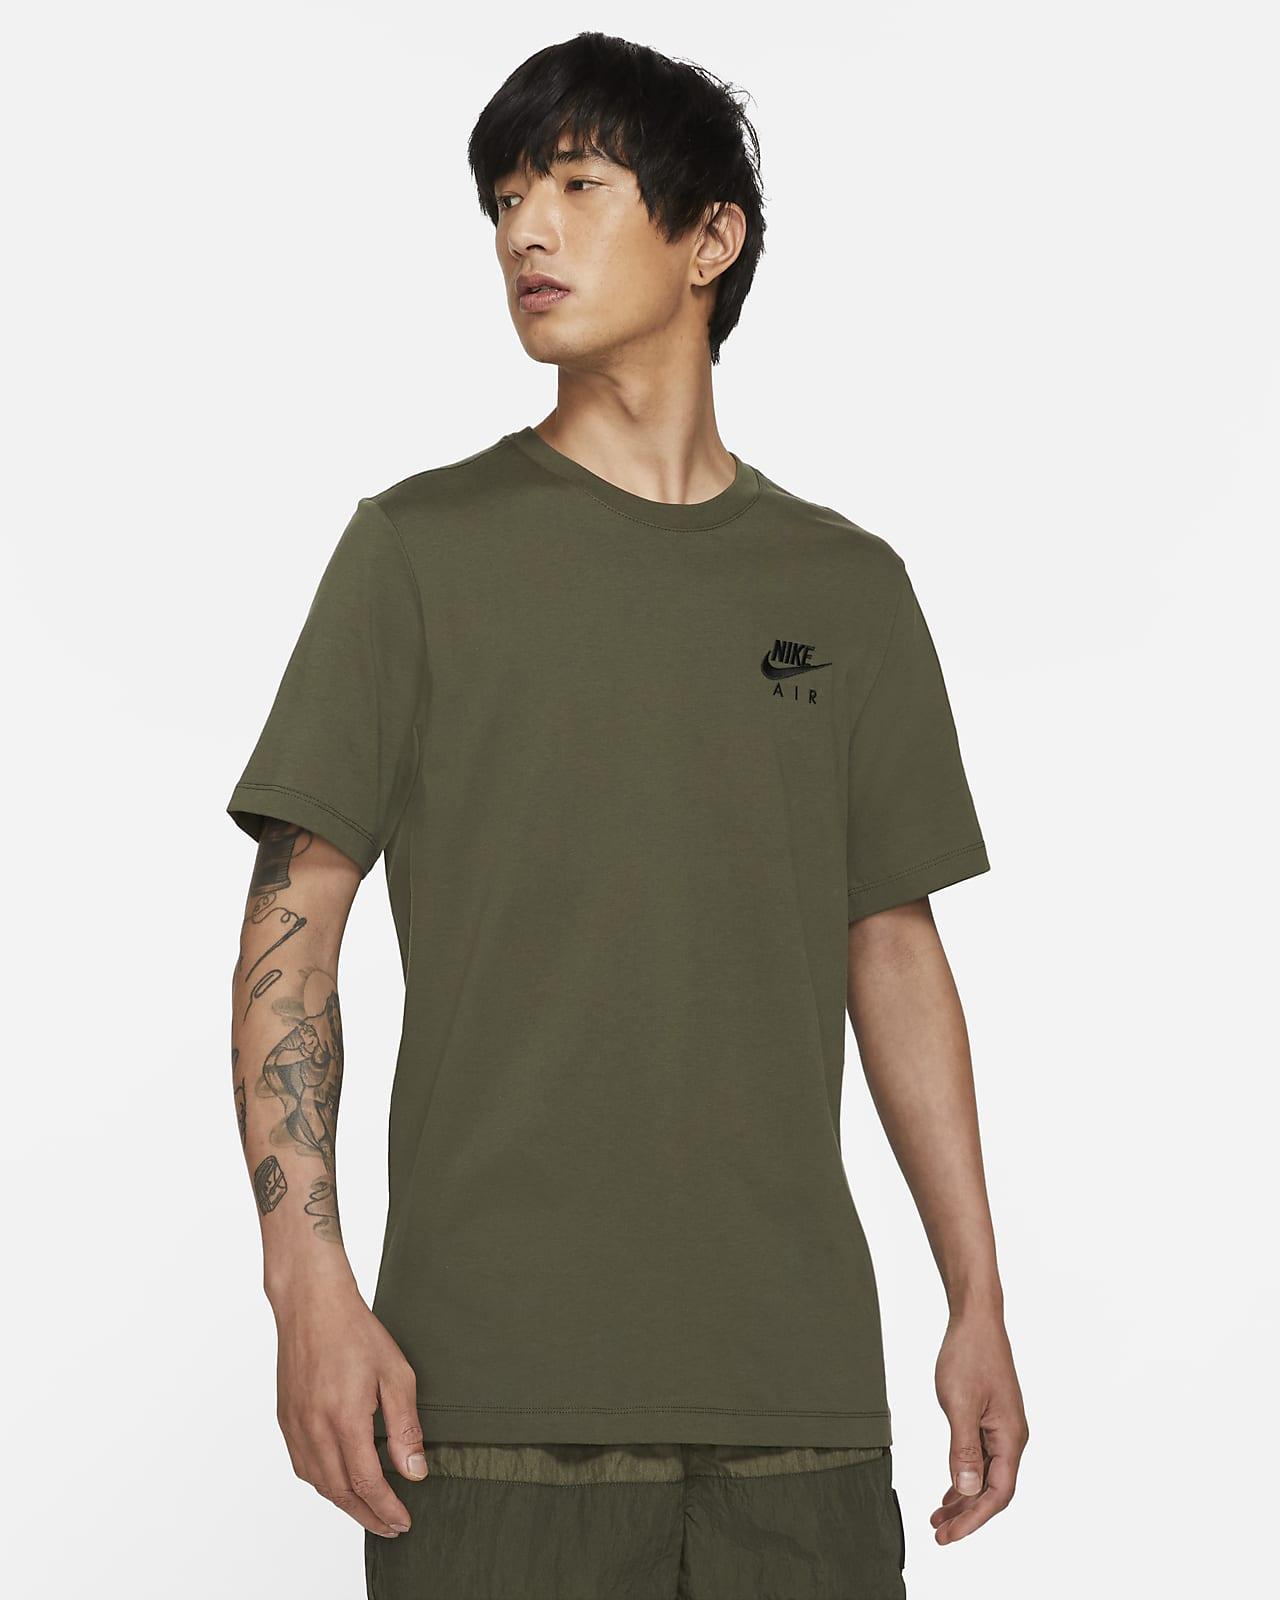 Nike Air Men's T-Shirt